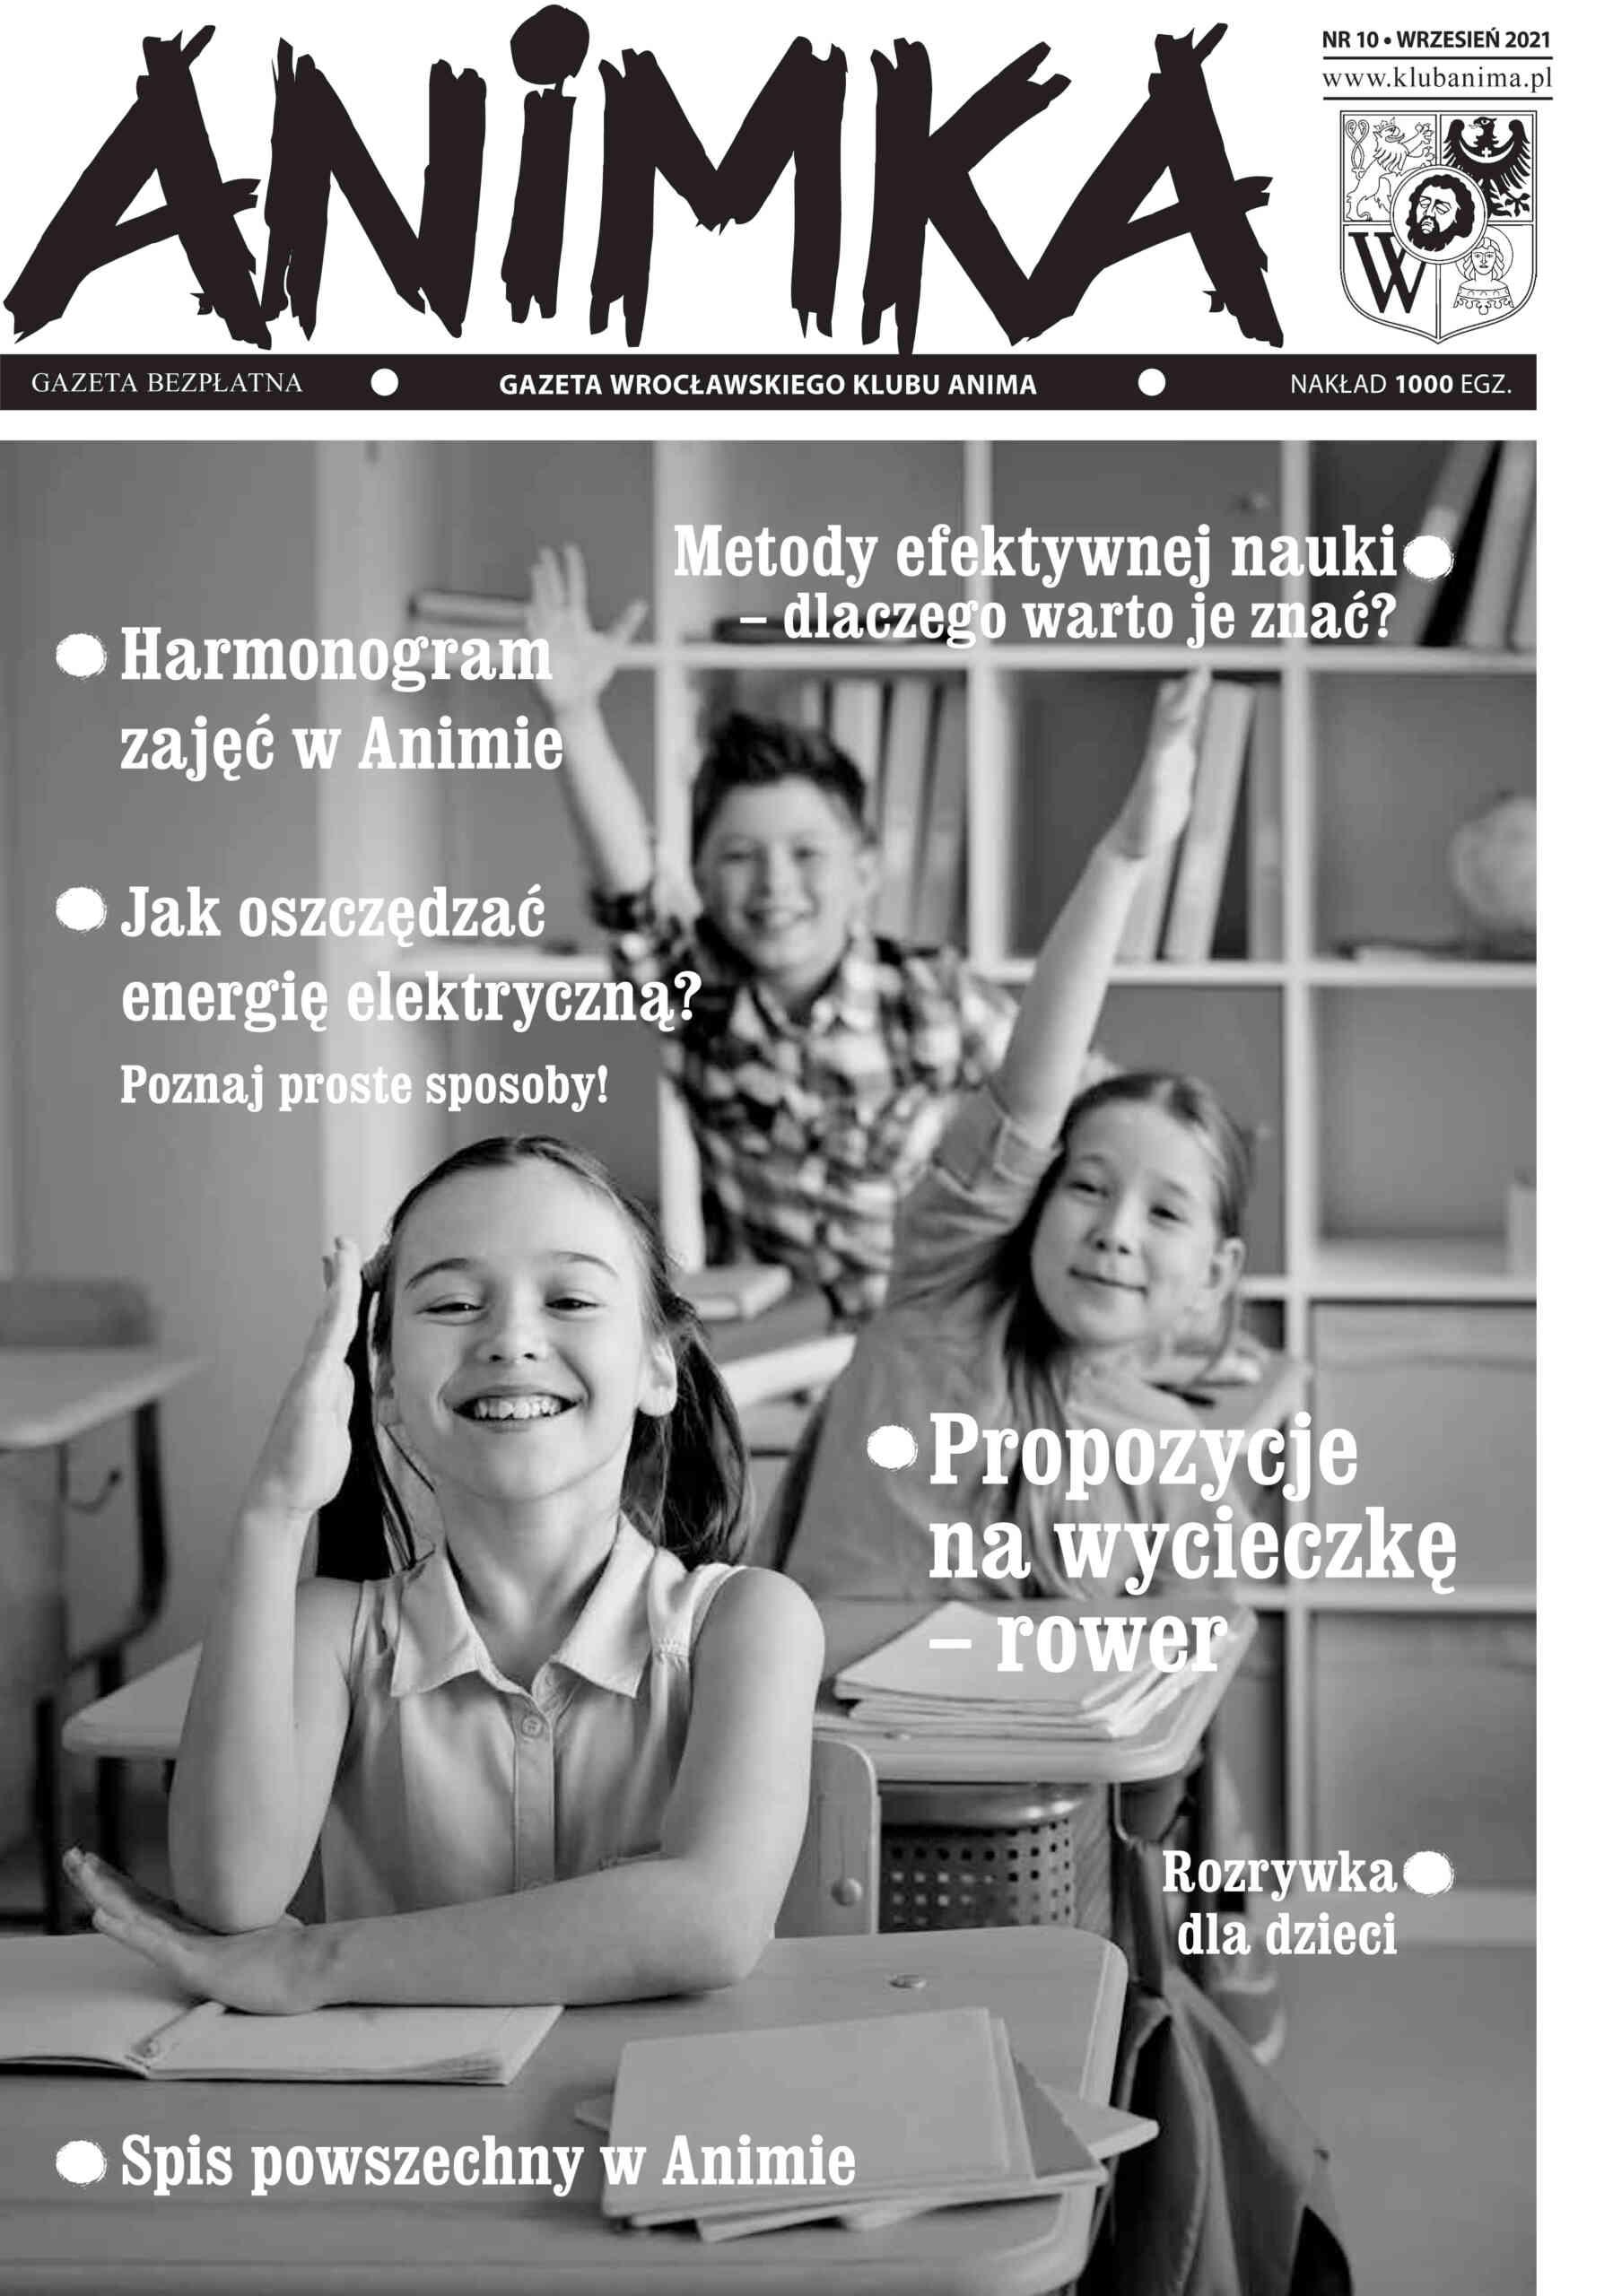 """10. numer gazetki osiedlowej """"ANIMKA""""!"""